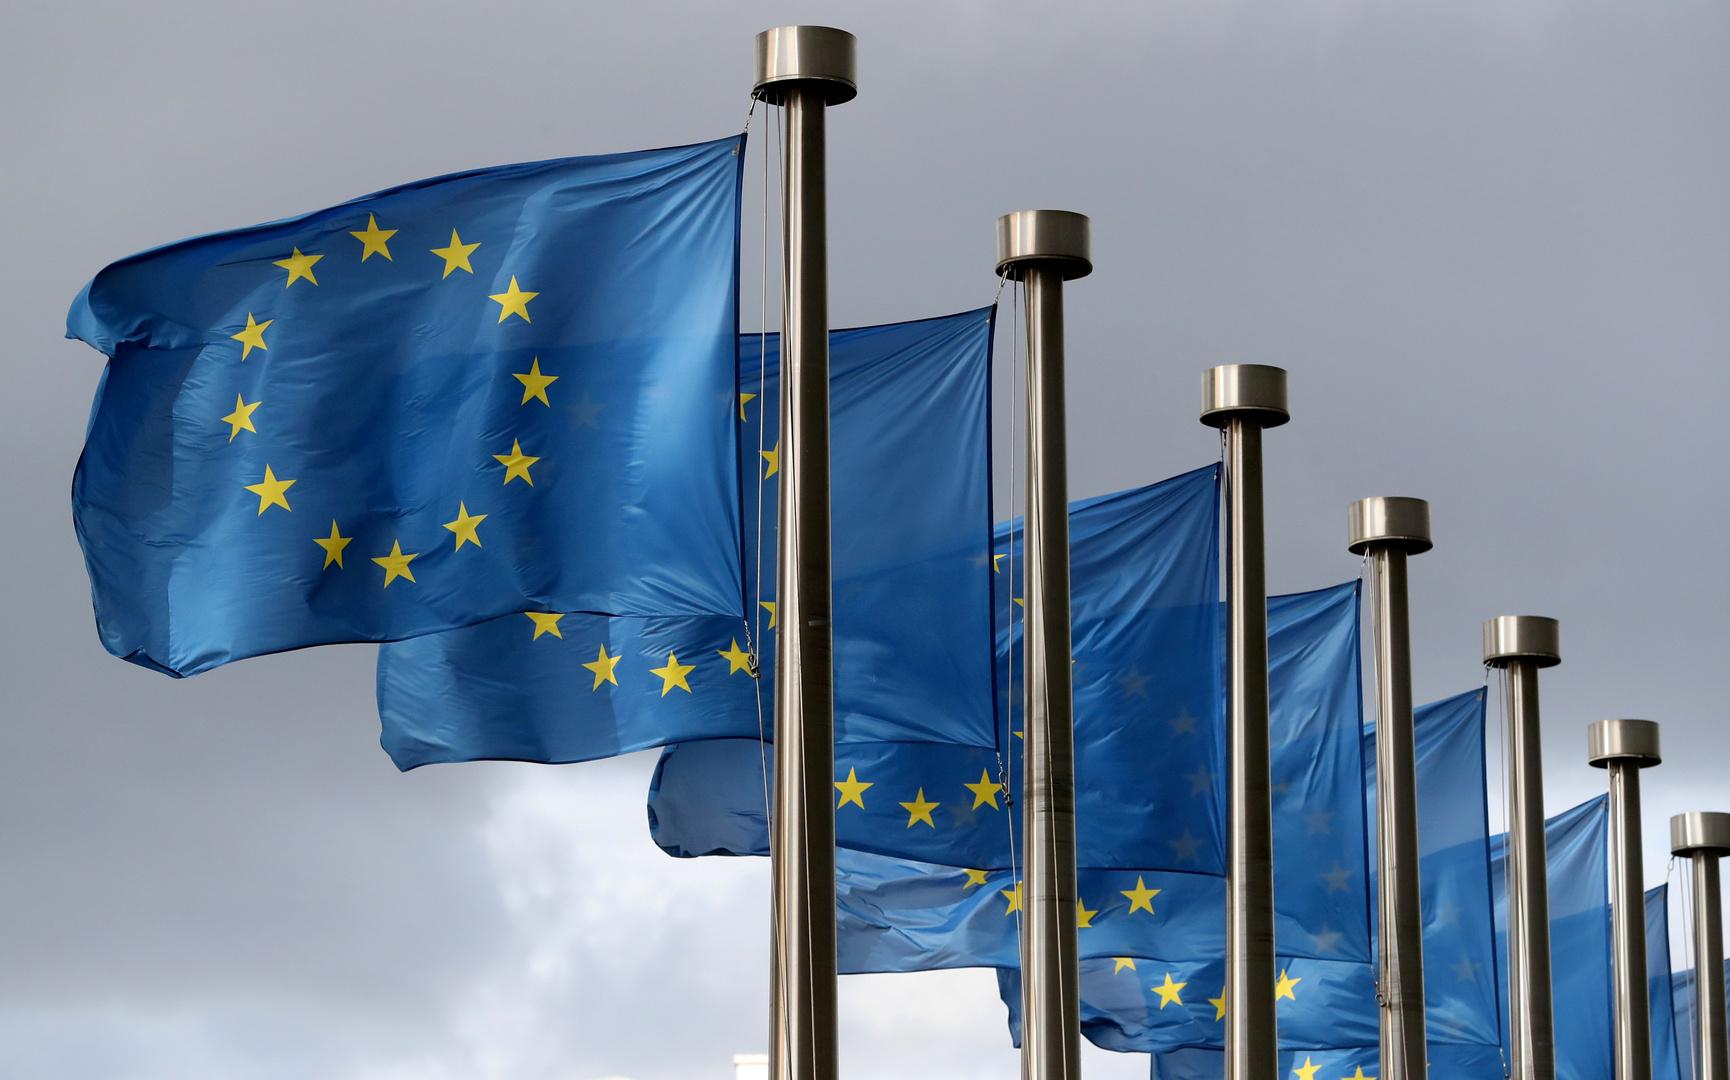 وزراء الخارجية الأوروبيون يبحثون تشديد العقوبات ضد بيلاروس على خلفية حادثة طائرة